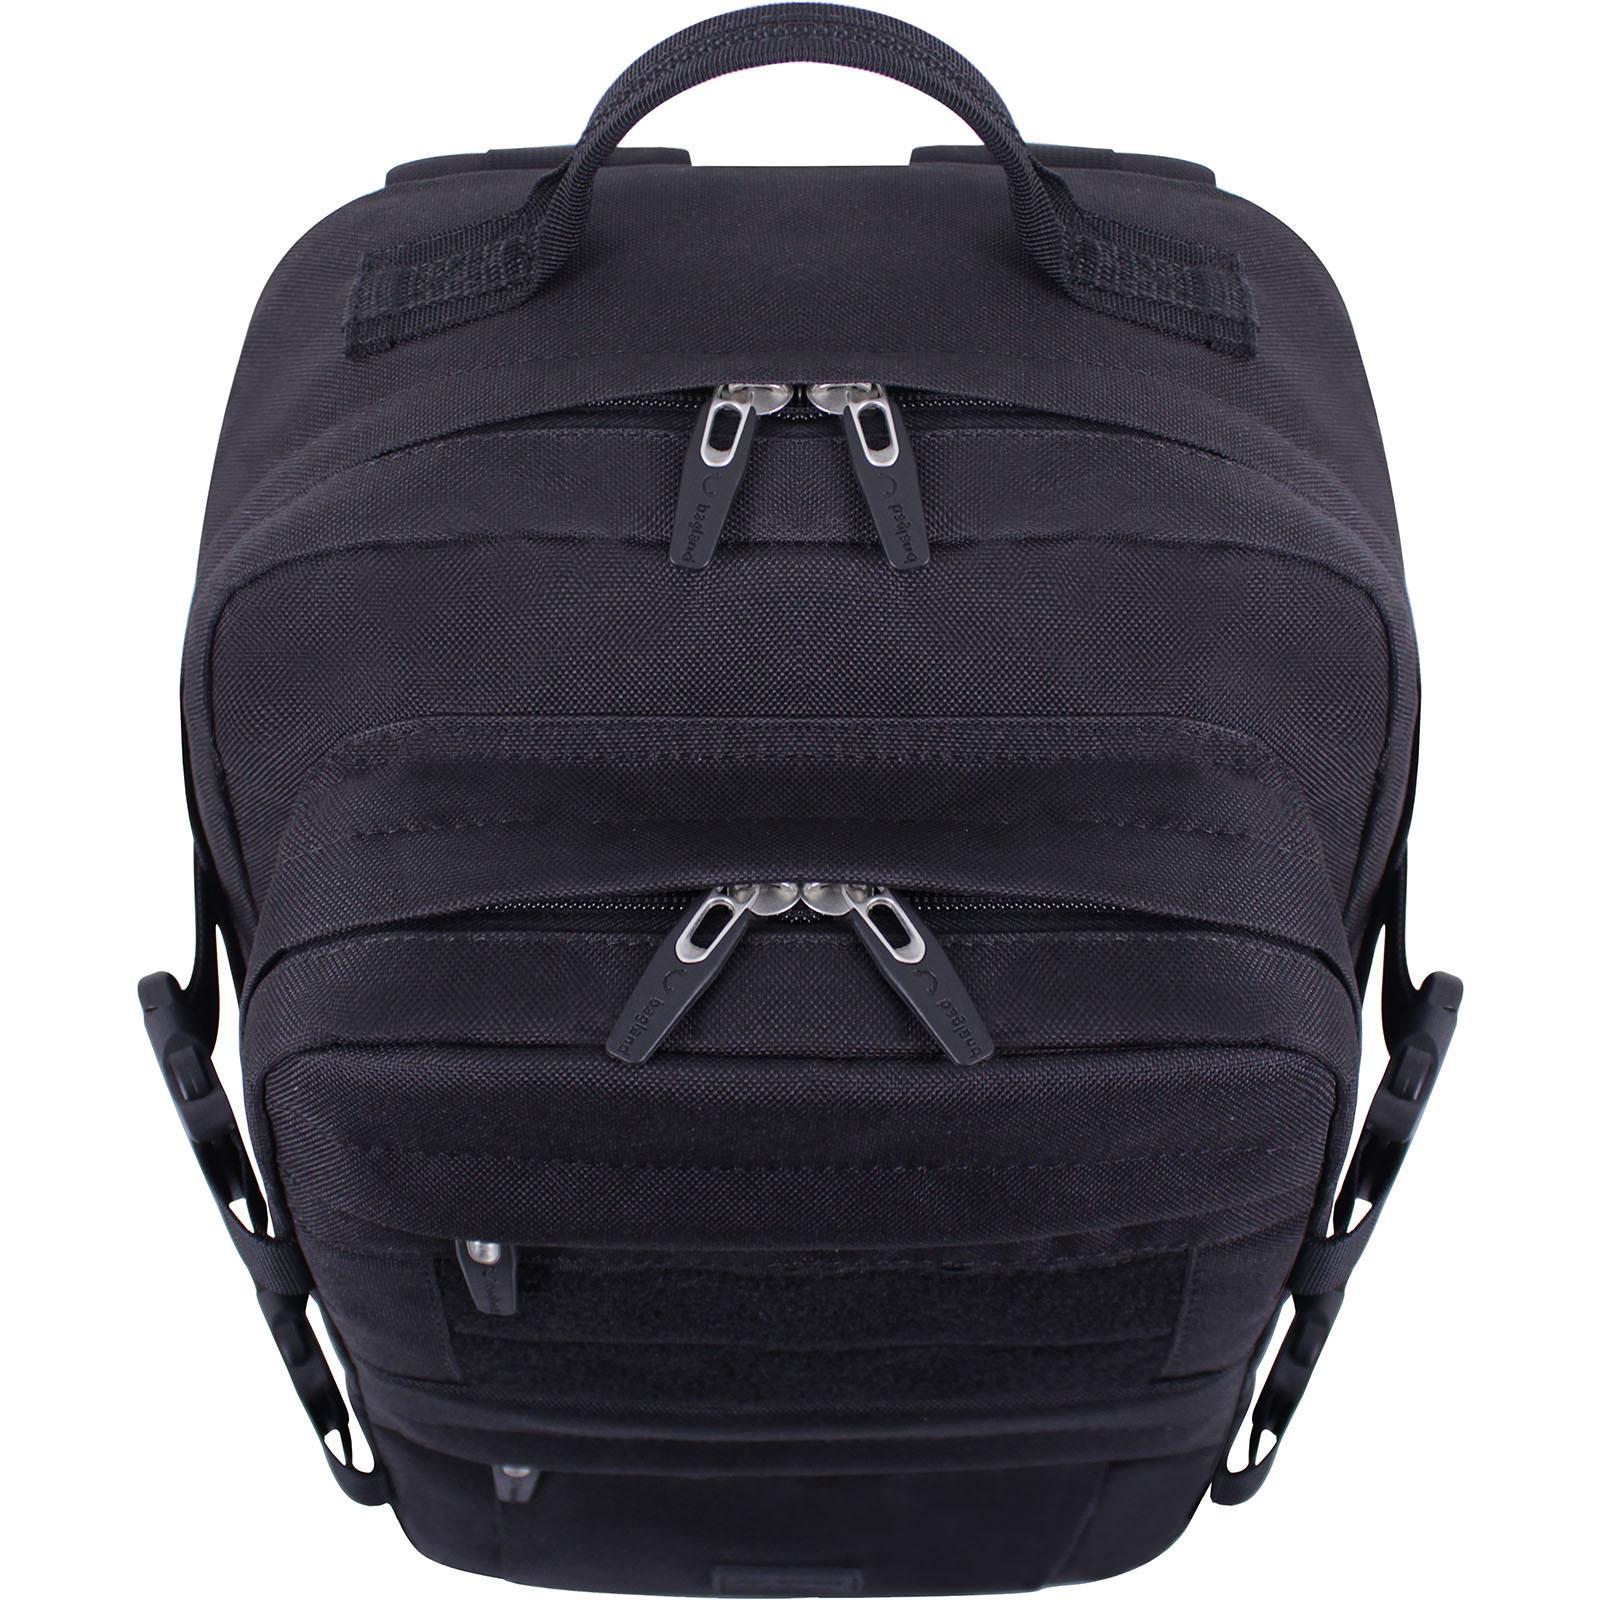 Рюкзак для ноутбука Bagland Jasper 19 л. Чёрный (0015566) фото 6